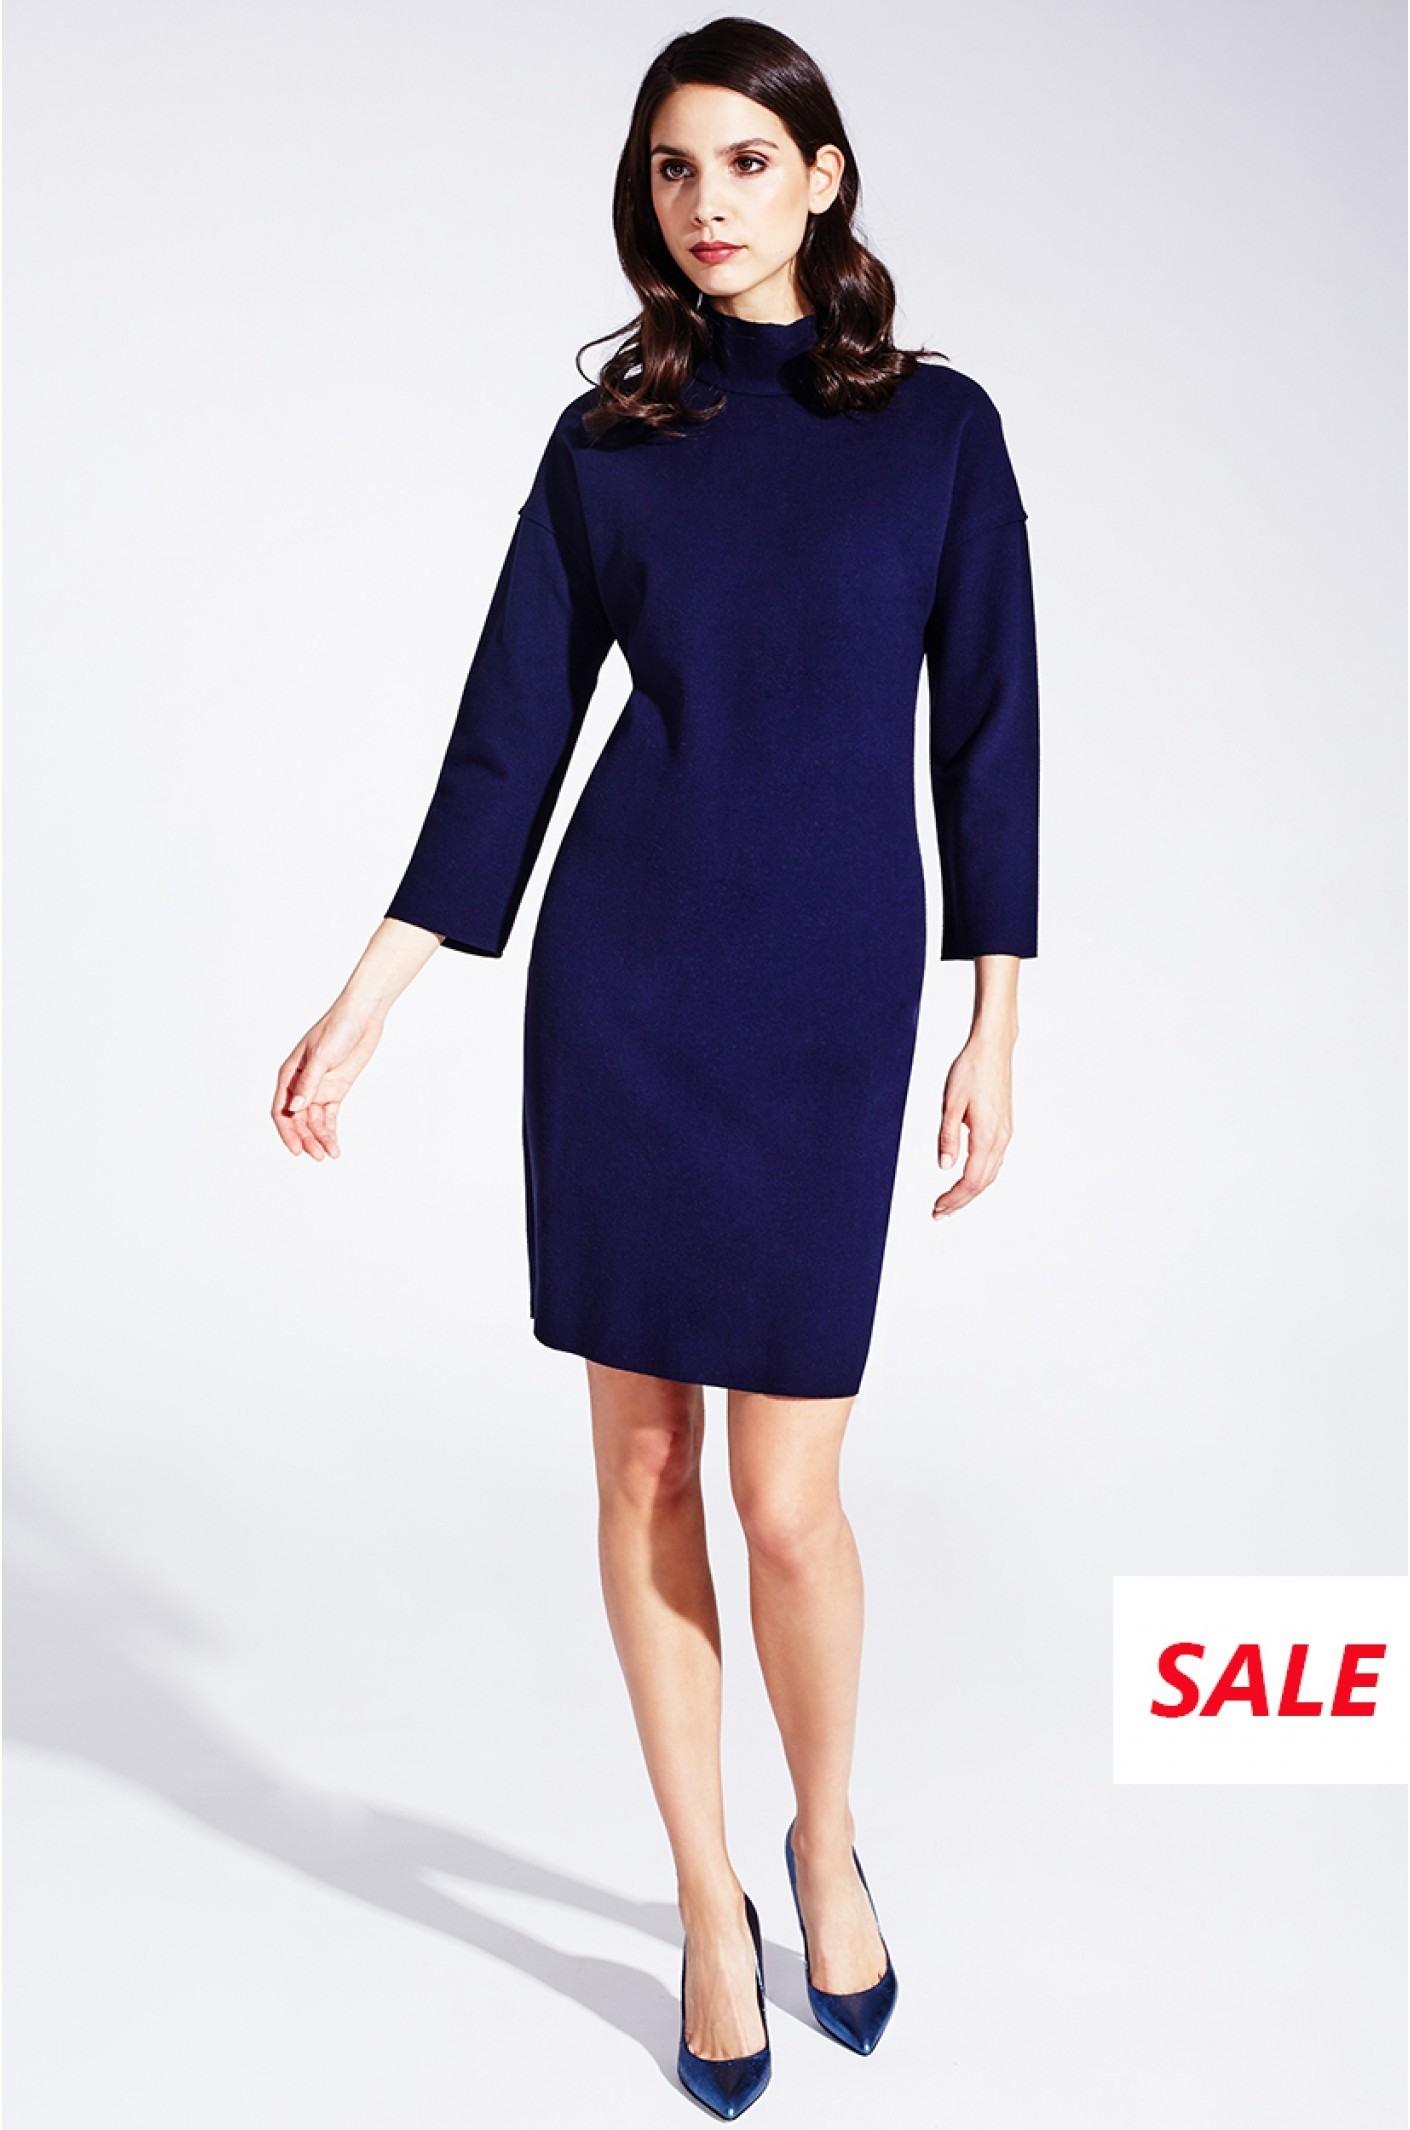 Fantastisch Blaues Kleid StylishFormal Genial Blaues Kleid Vertrieb